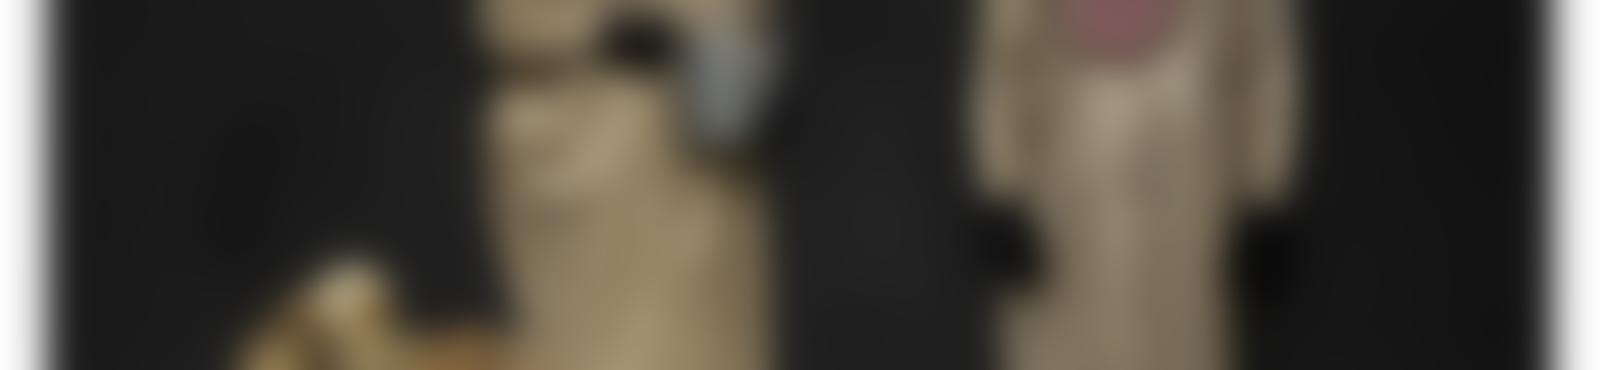 Blurred 5fe53f26 28b6 42d8 93ef 8d64ef473f84